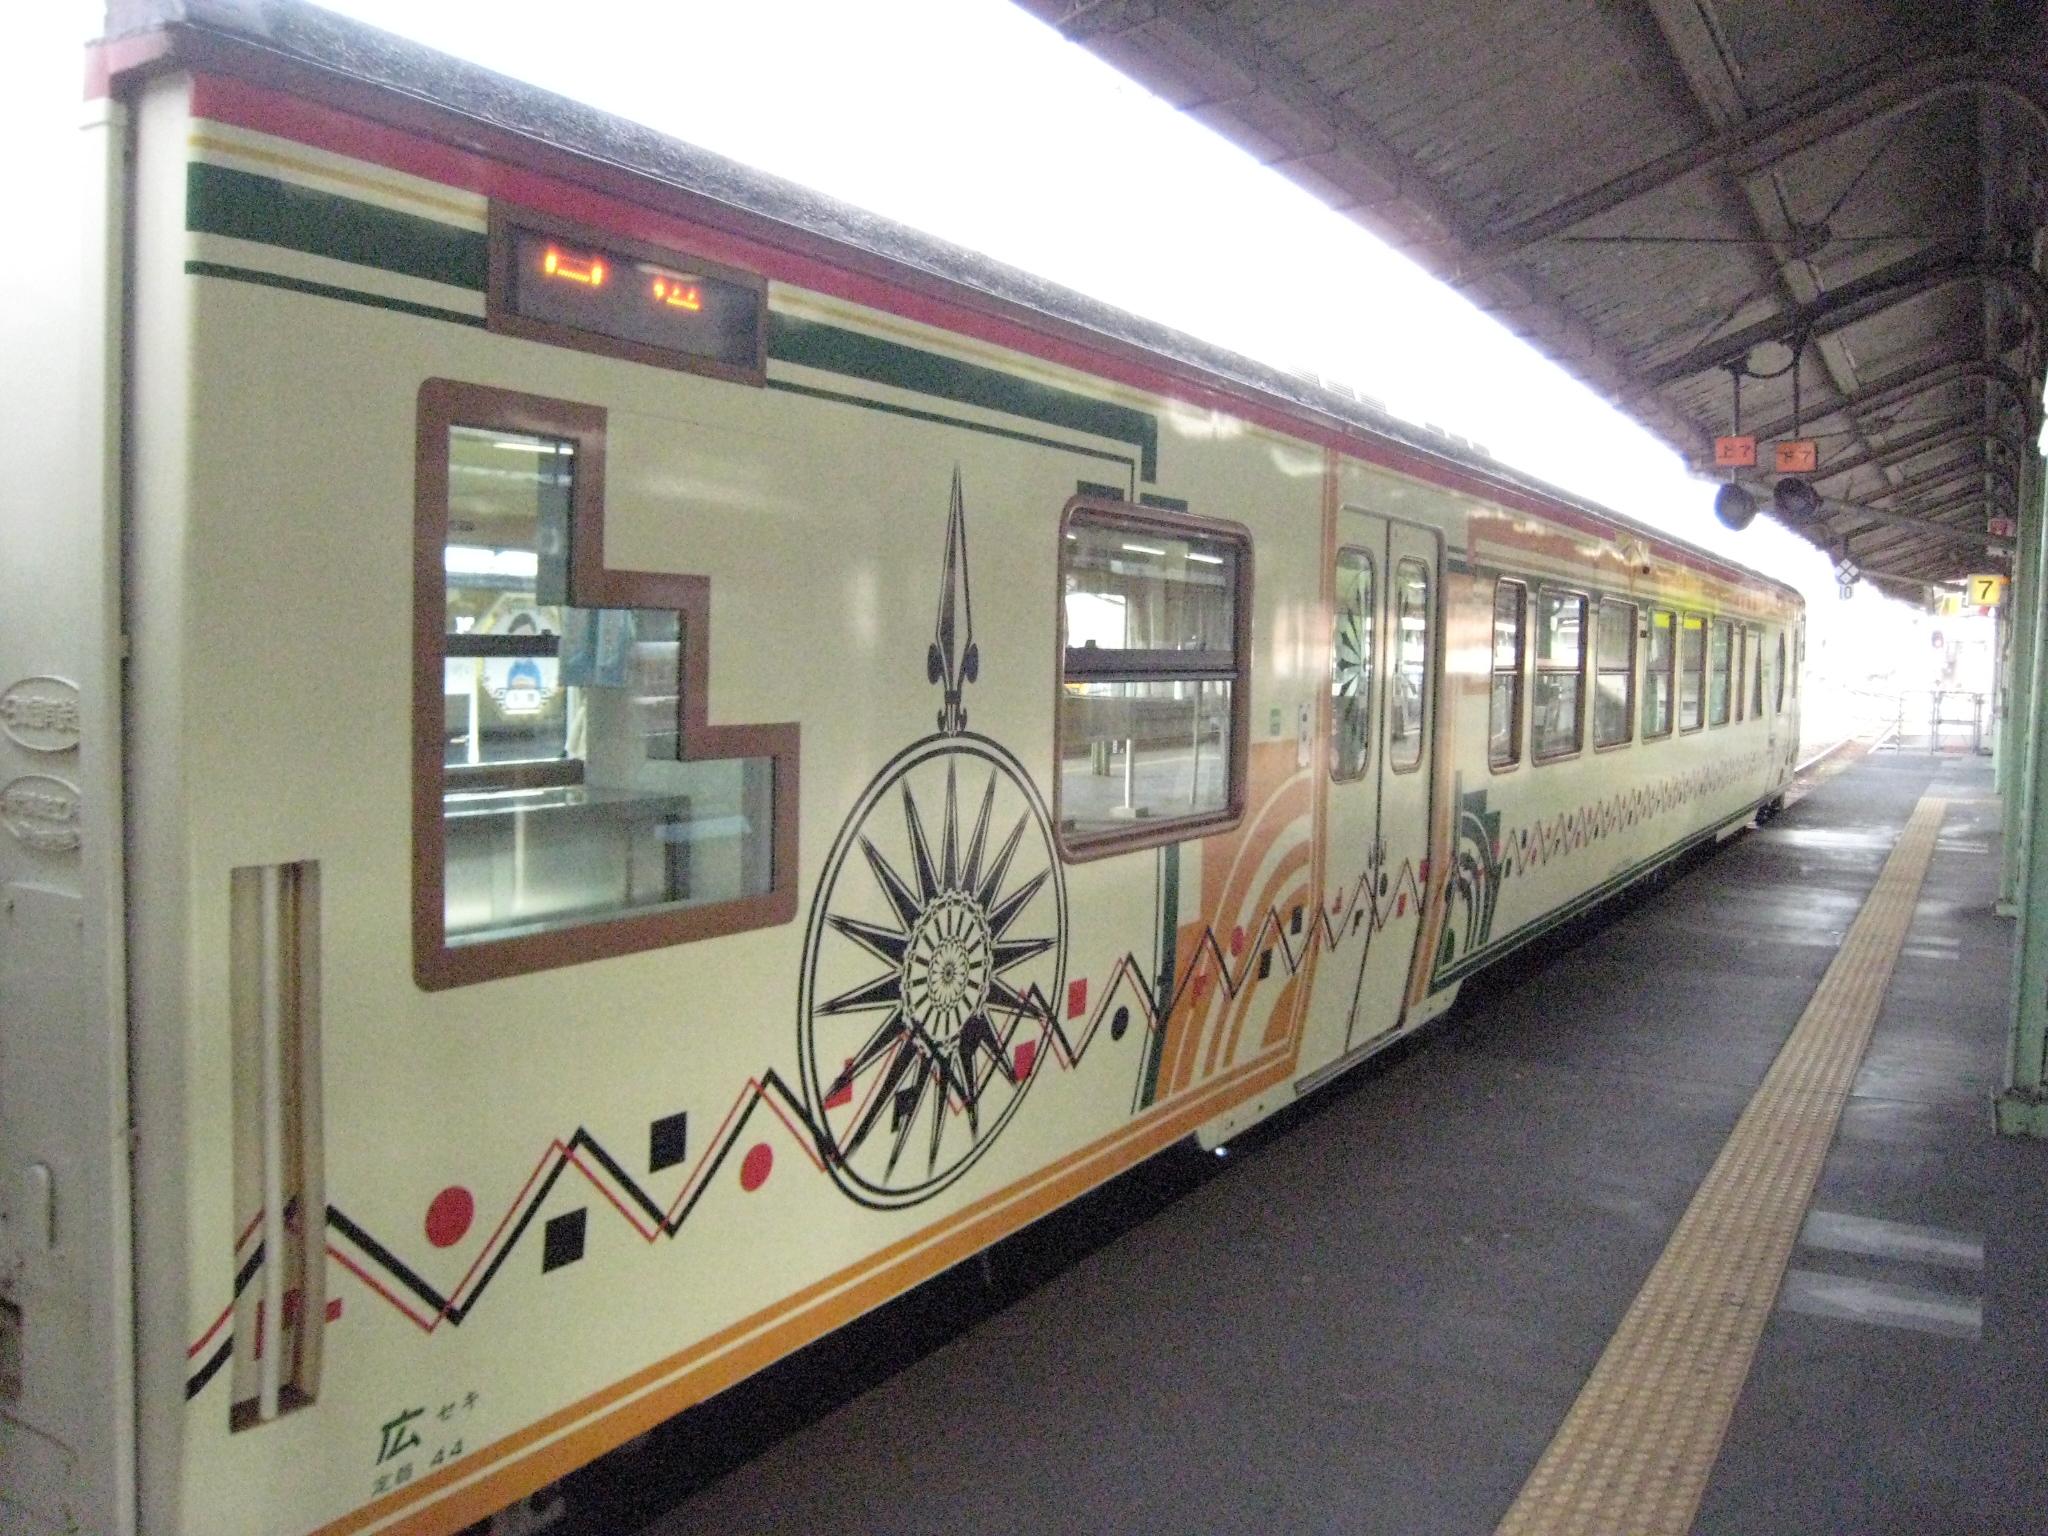 0204 列車の名前は長門市仙崎出身の童謡詩人、金子みすゞに由来し、新下関駅から下... 「みす